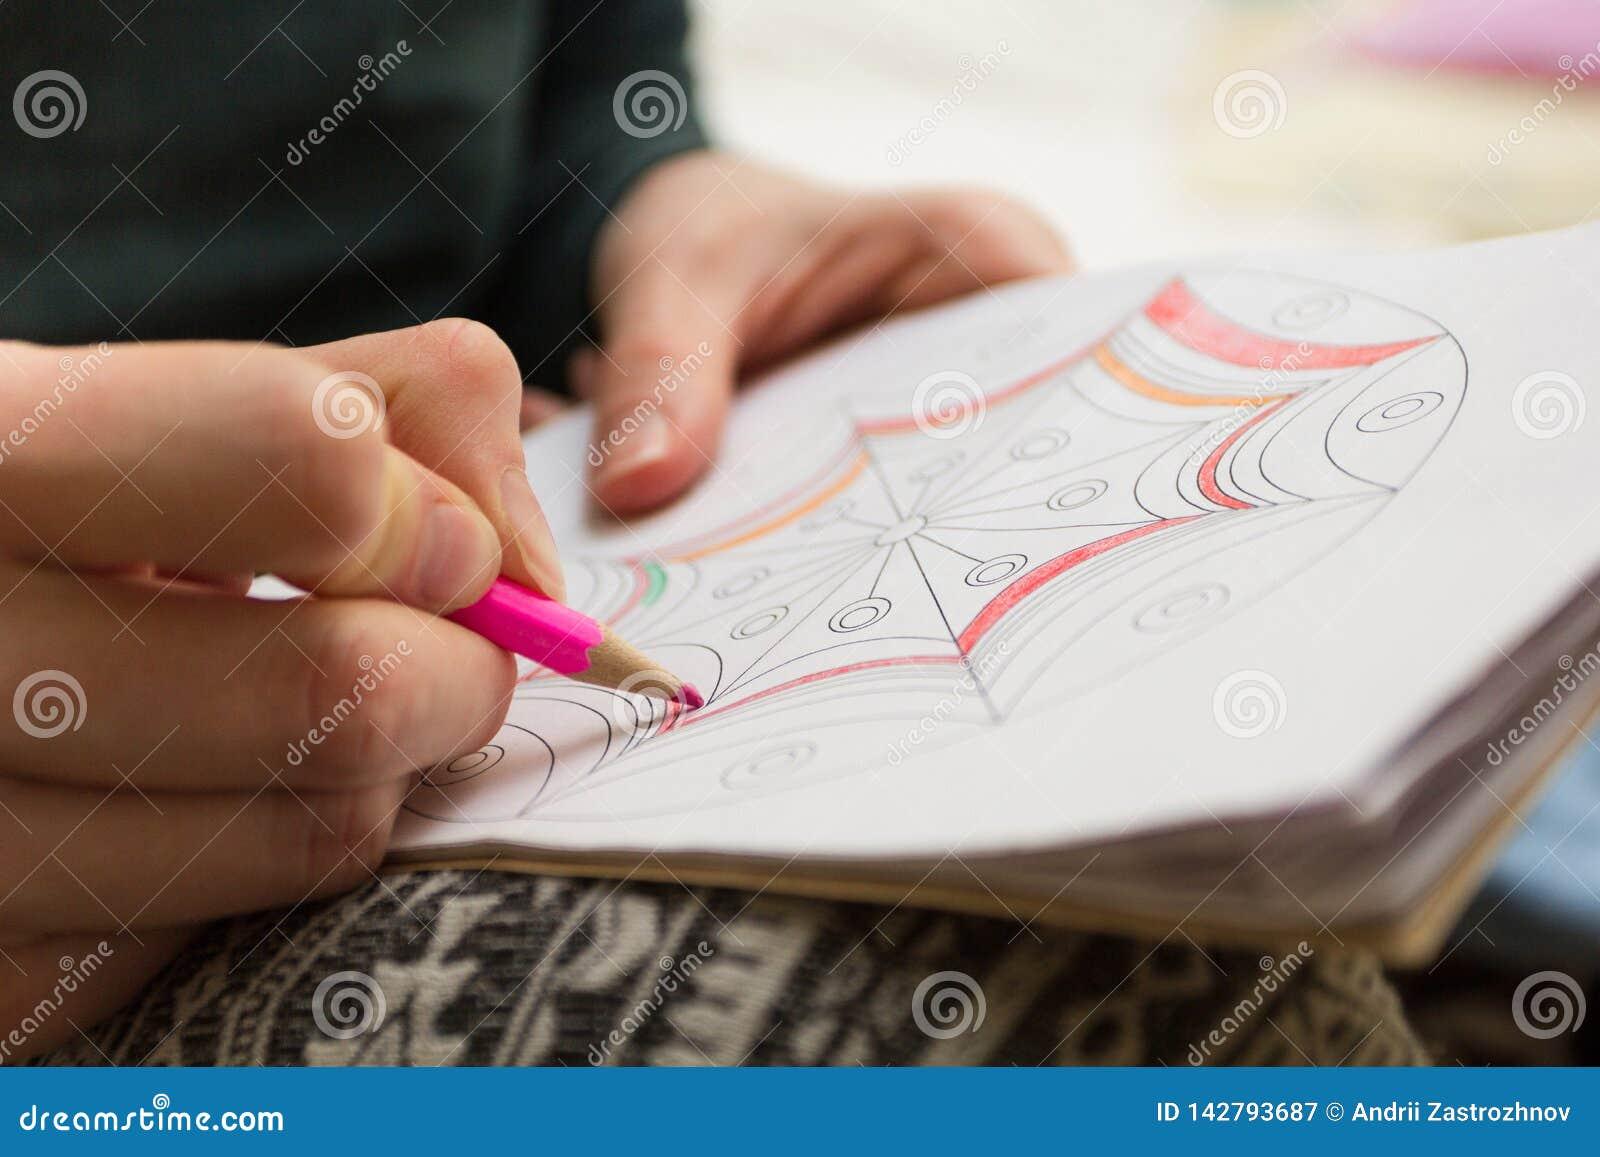 De vrouw schildert patroon roze potlood